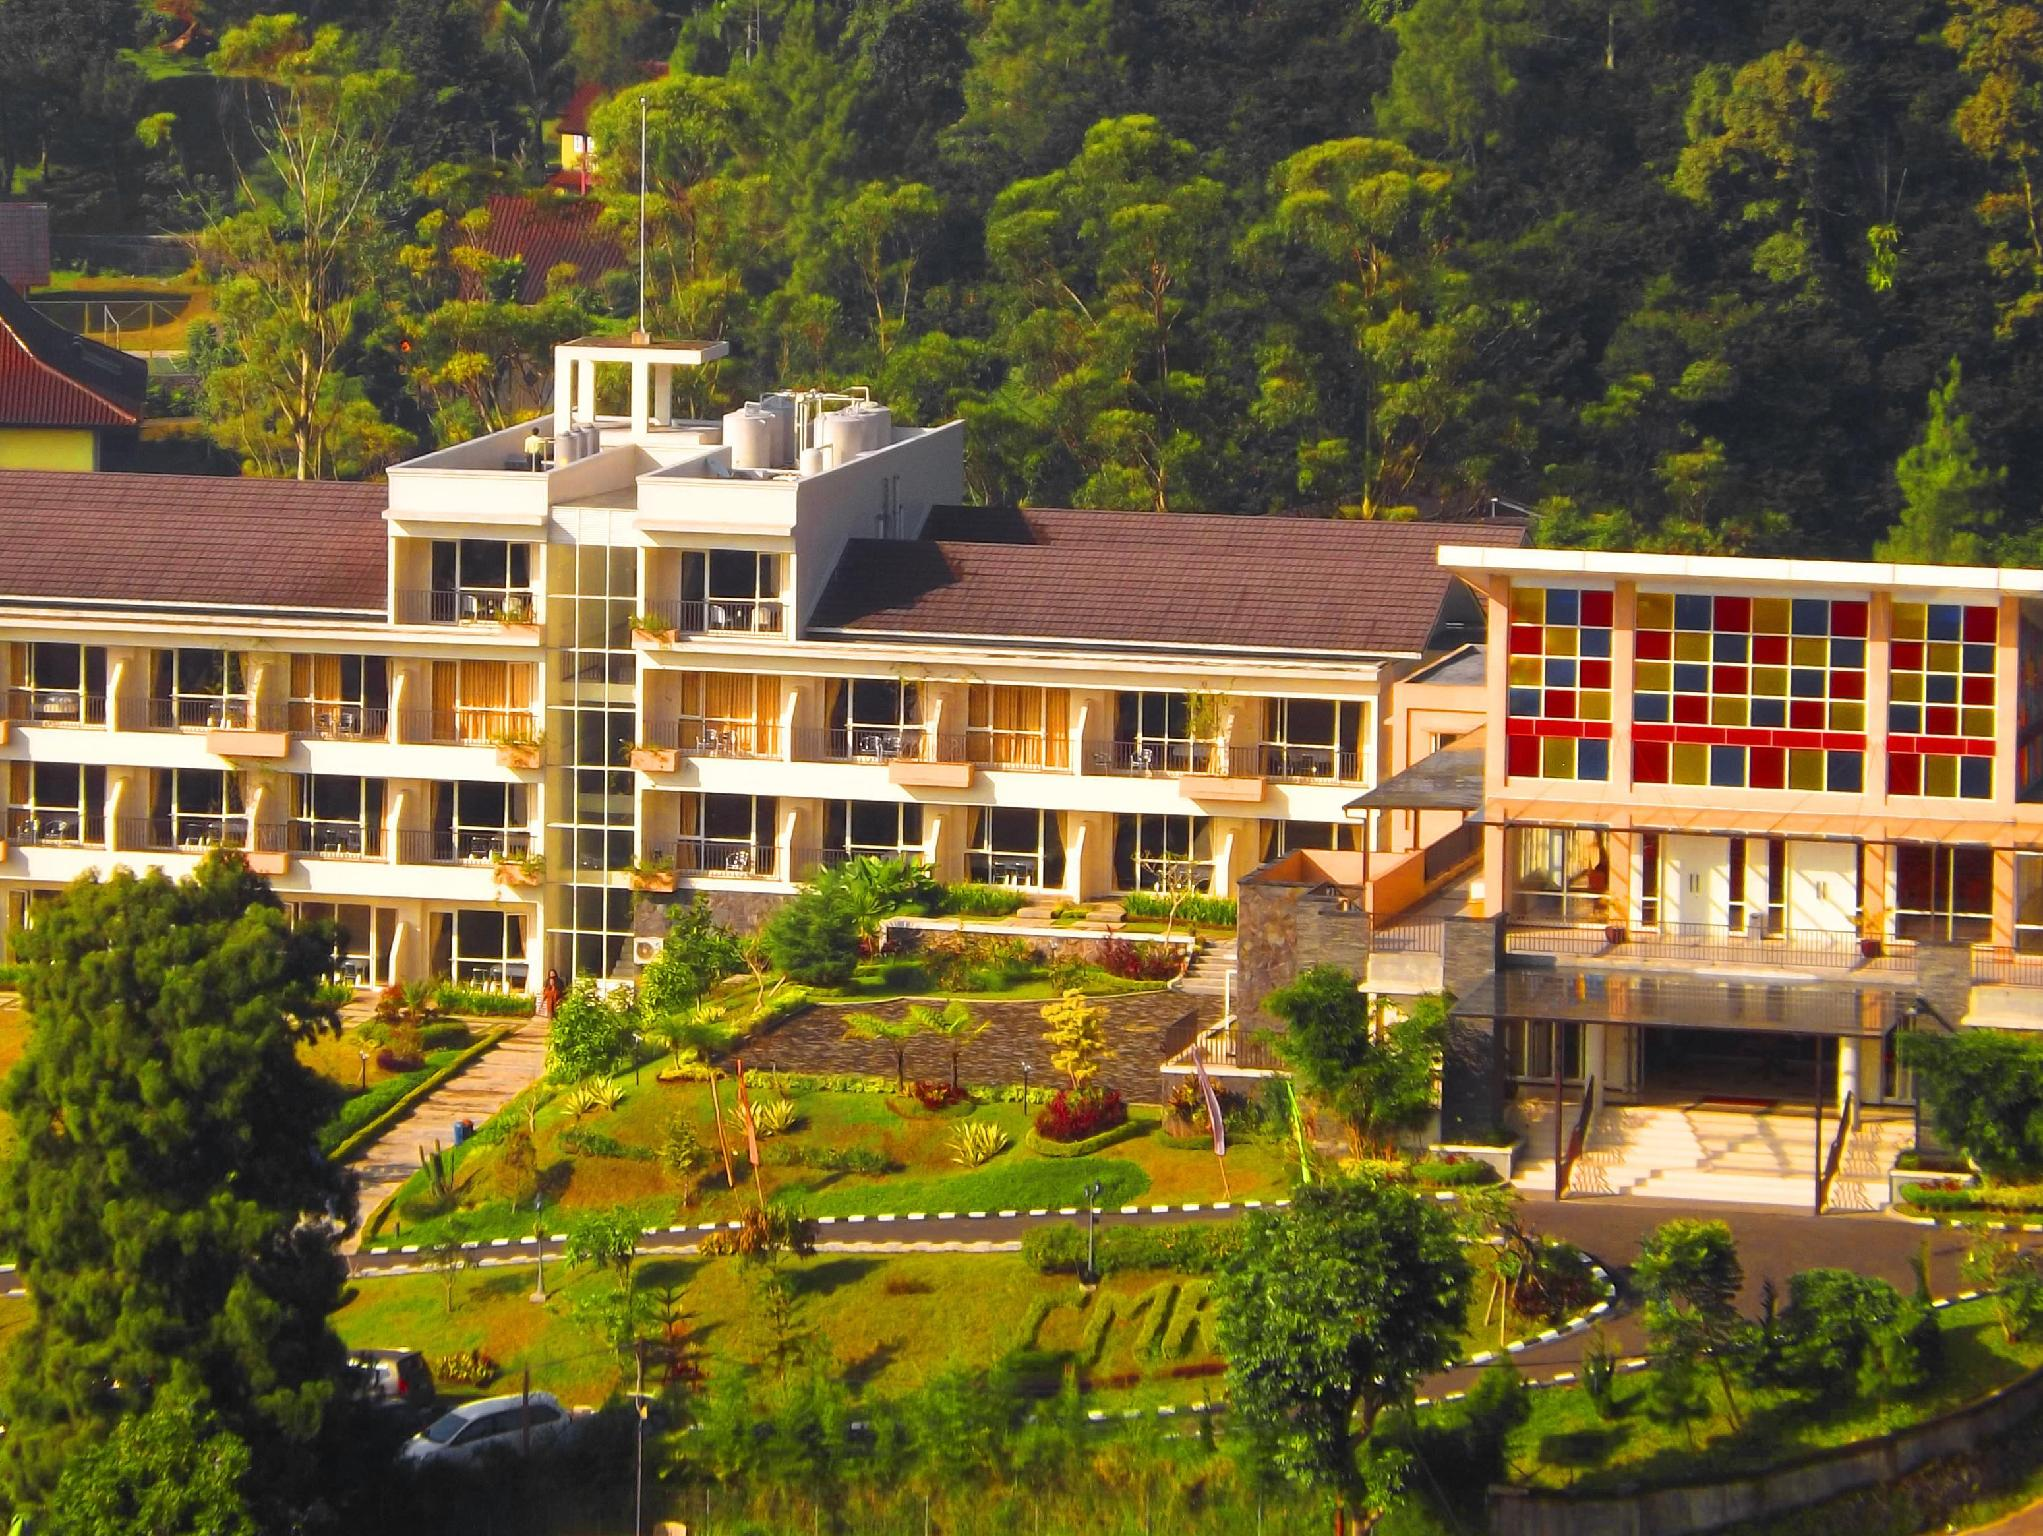 casa monte rosa hotel puncak in indonesia rh priceline com hotel murah di puncak dekat taman safari hotel murah di puncak dekat taman safari